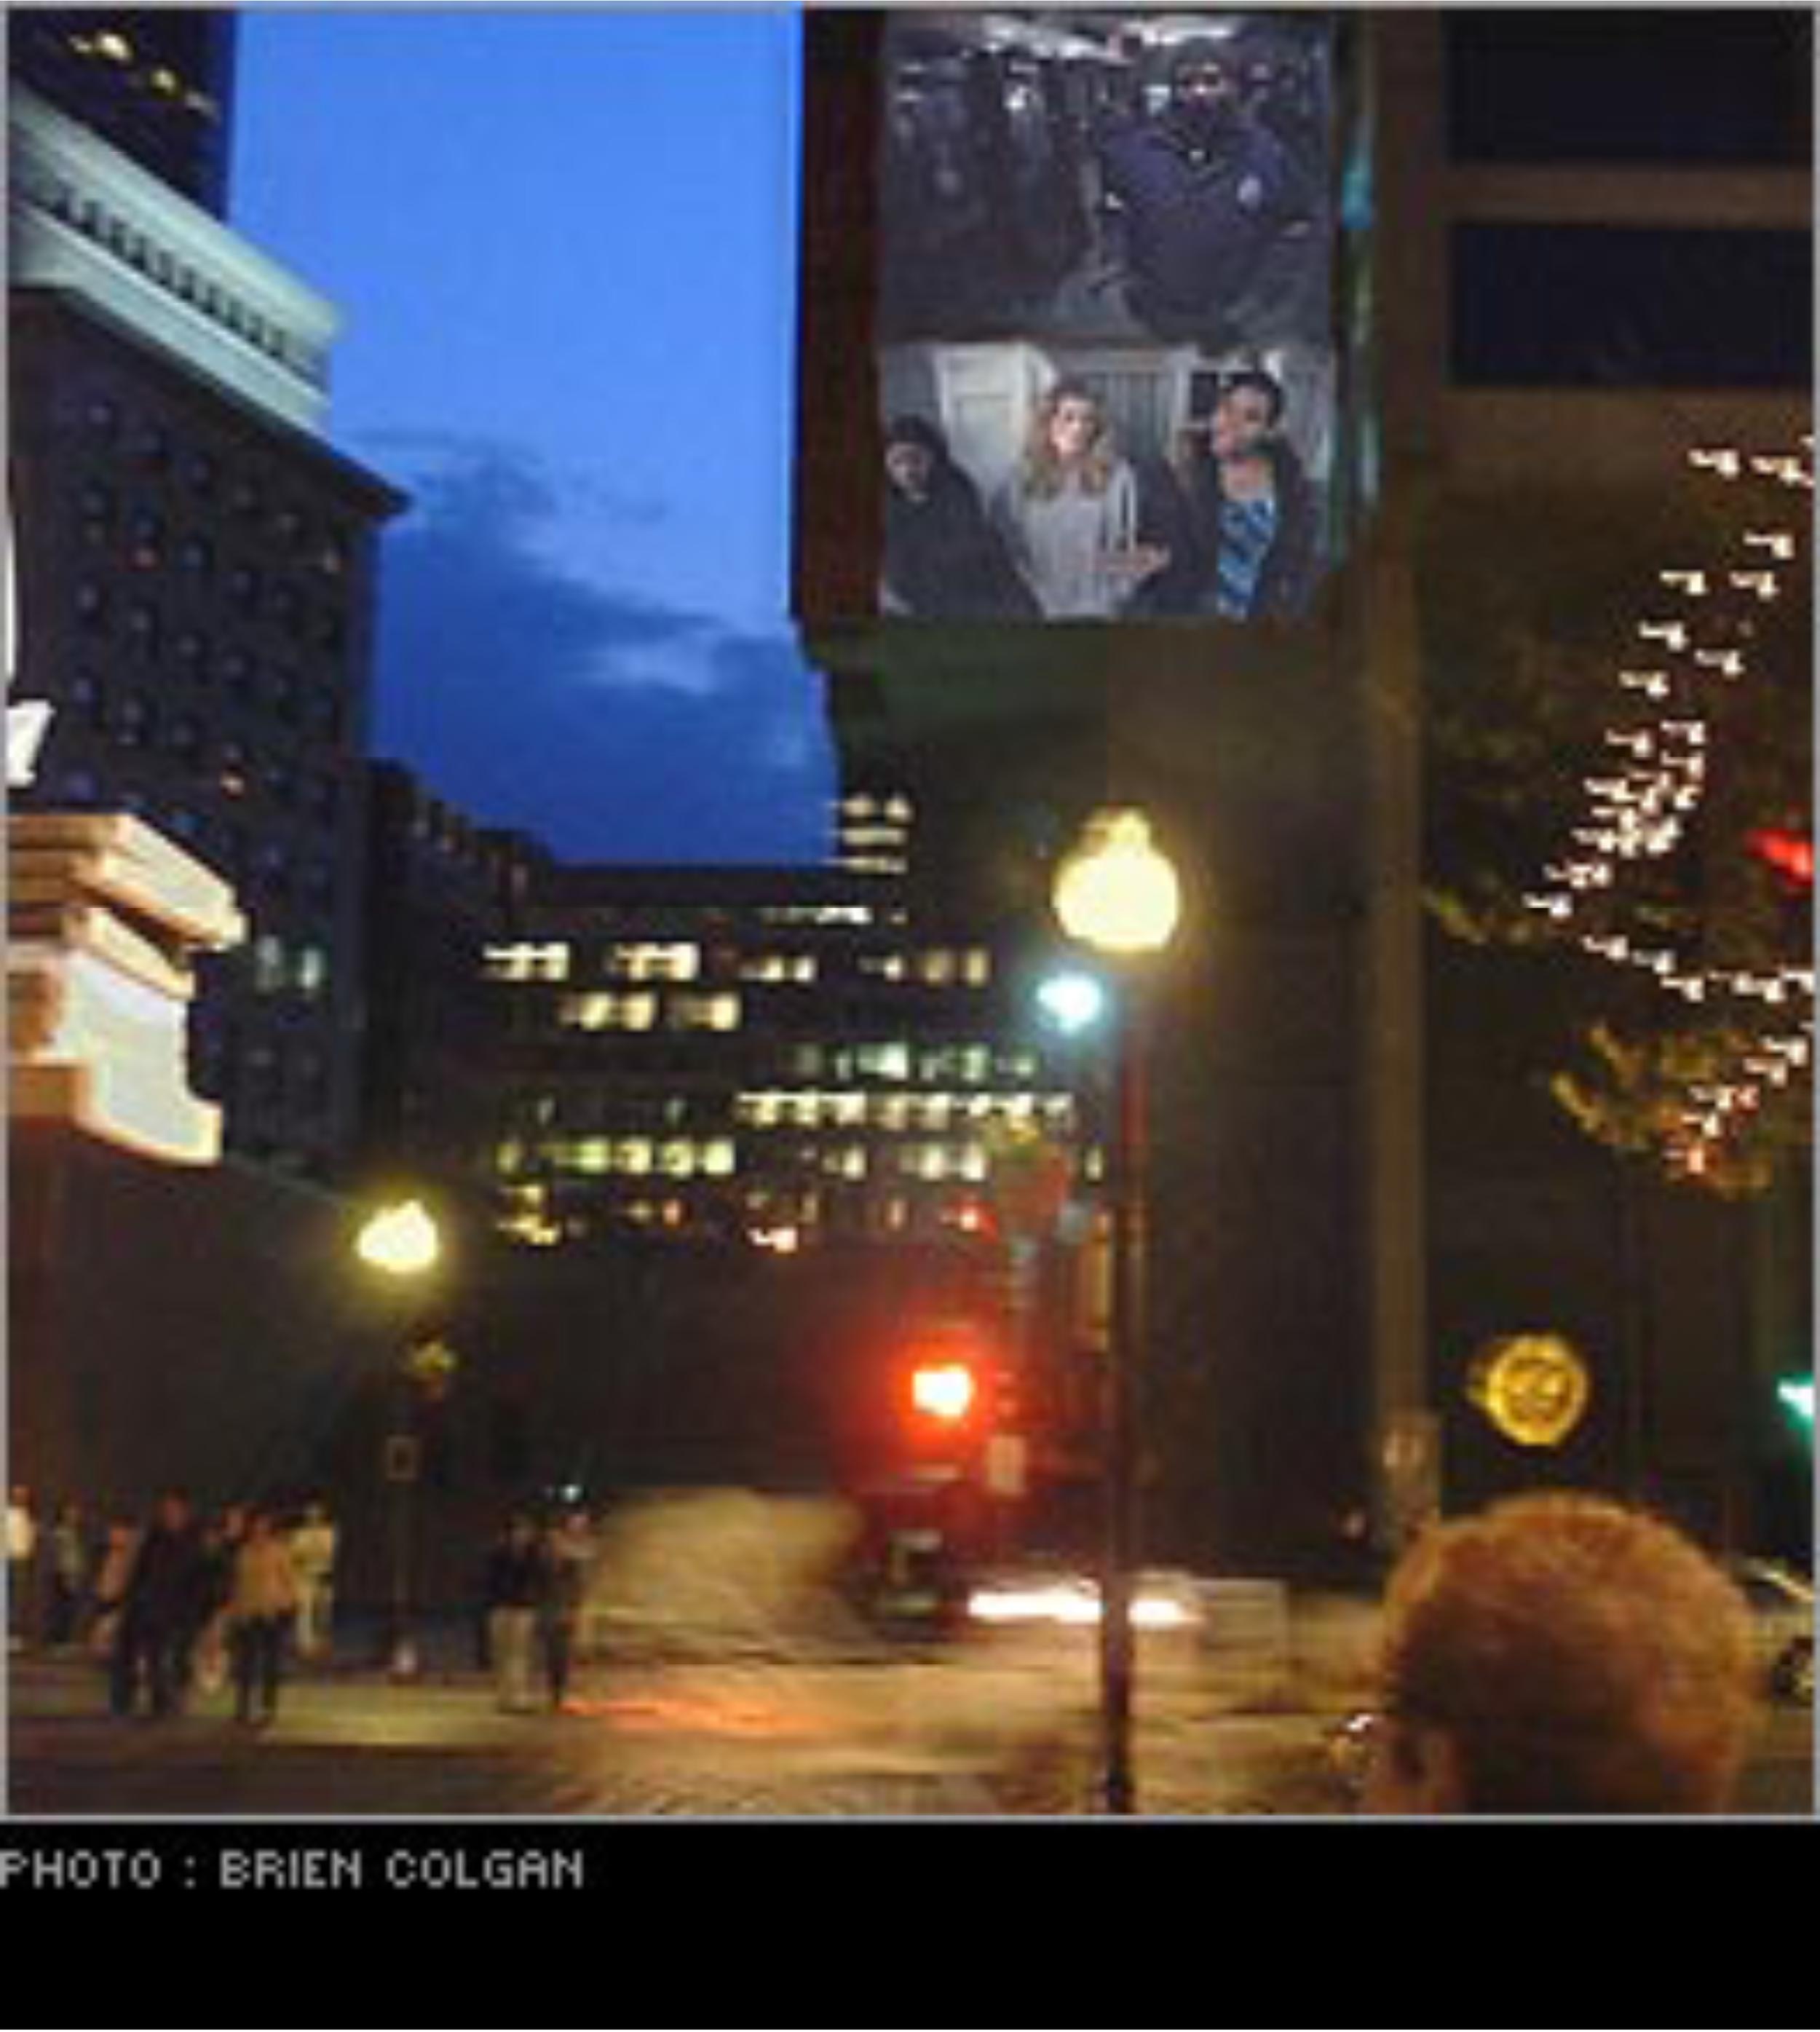 Symphony of a City image: Brien Colgan